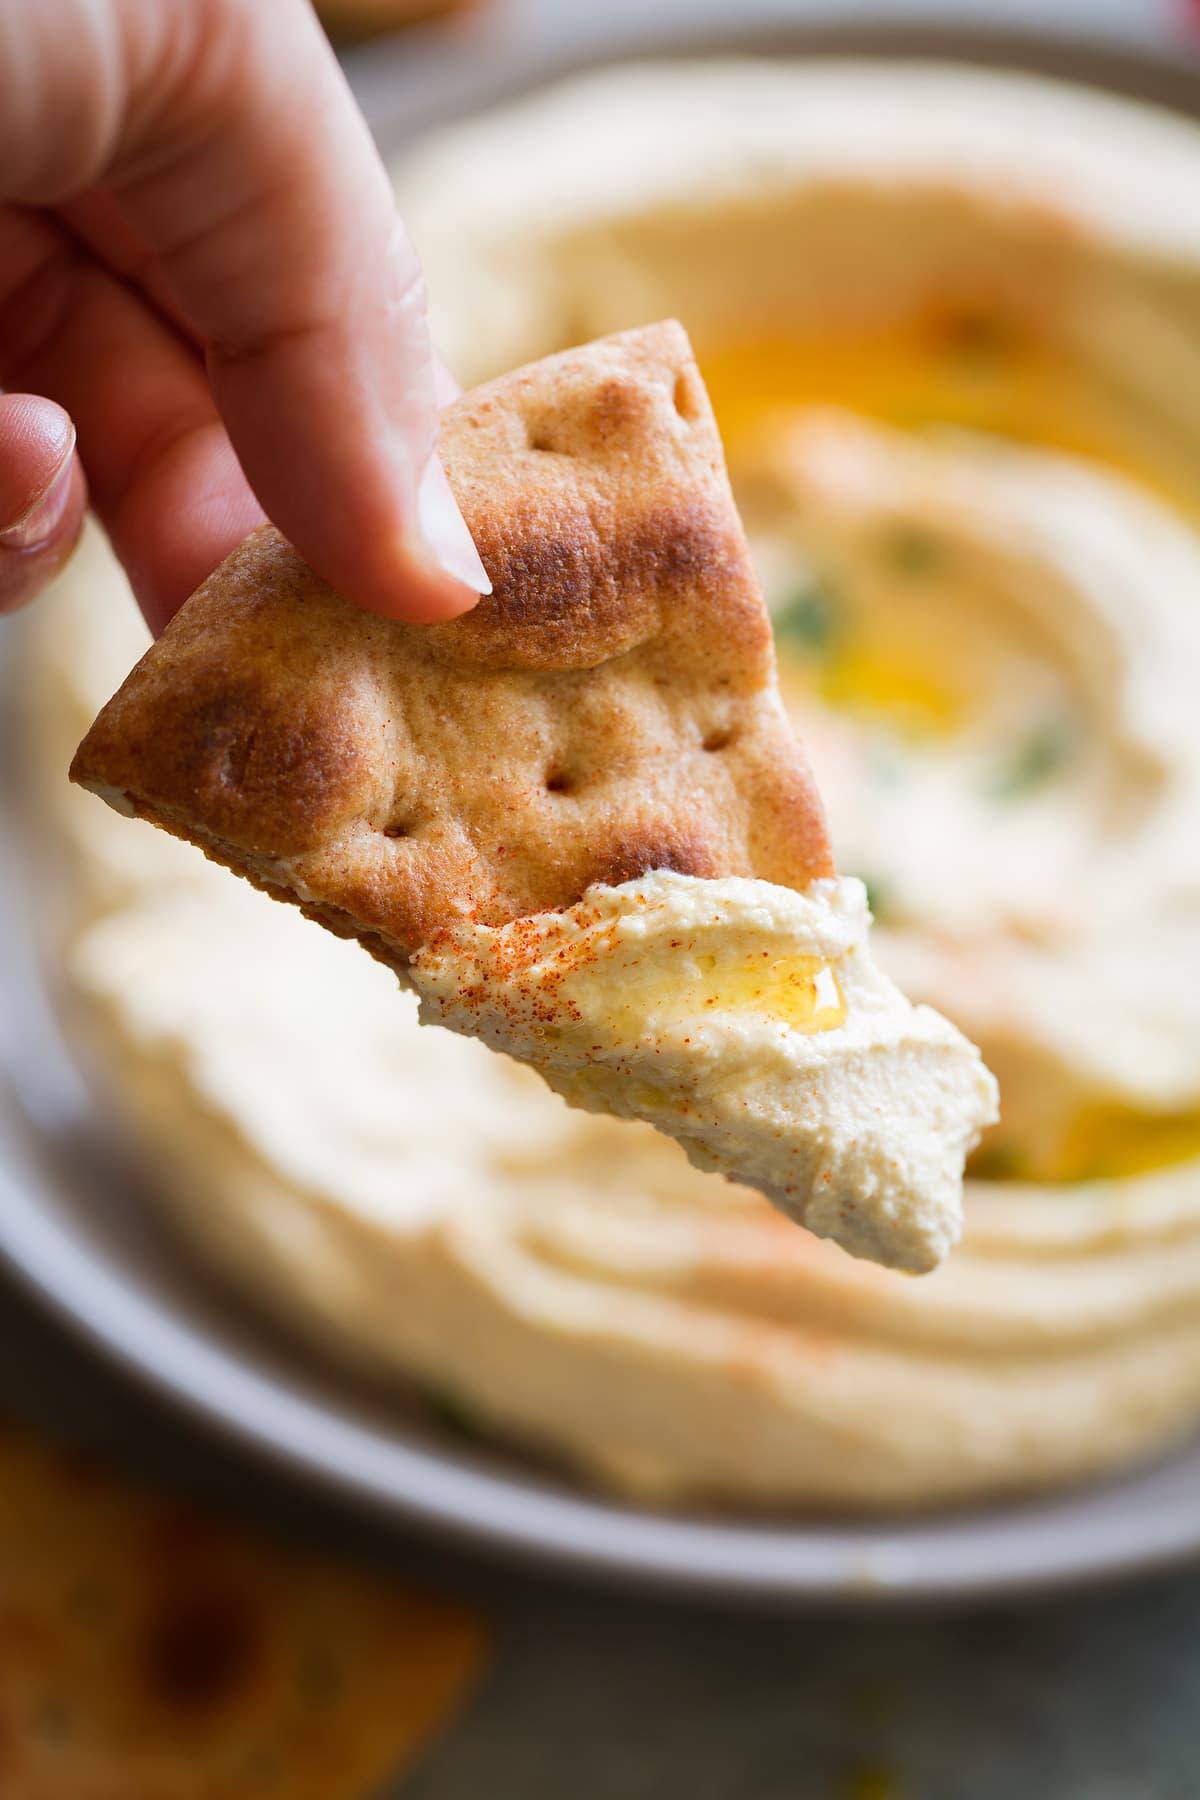 pita chip dunked in homemade hummus